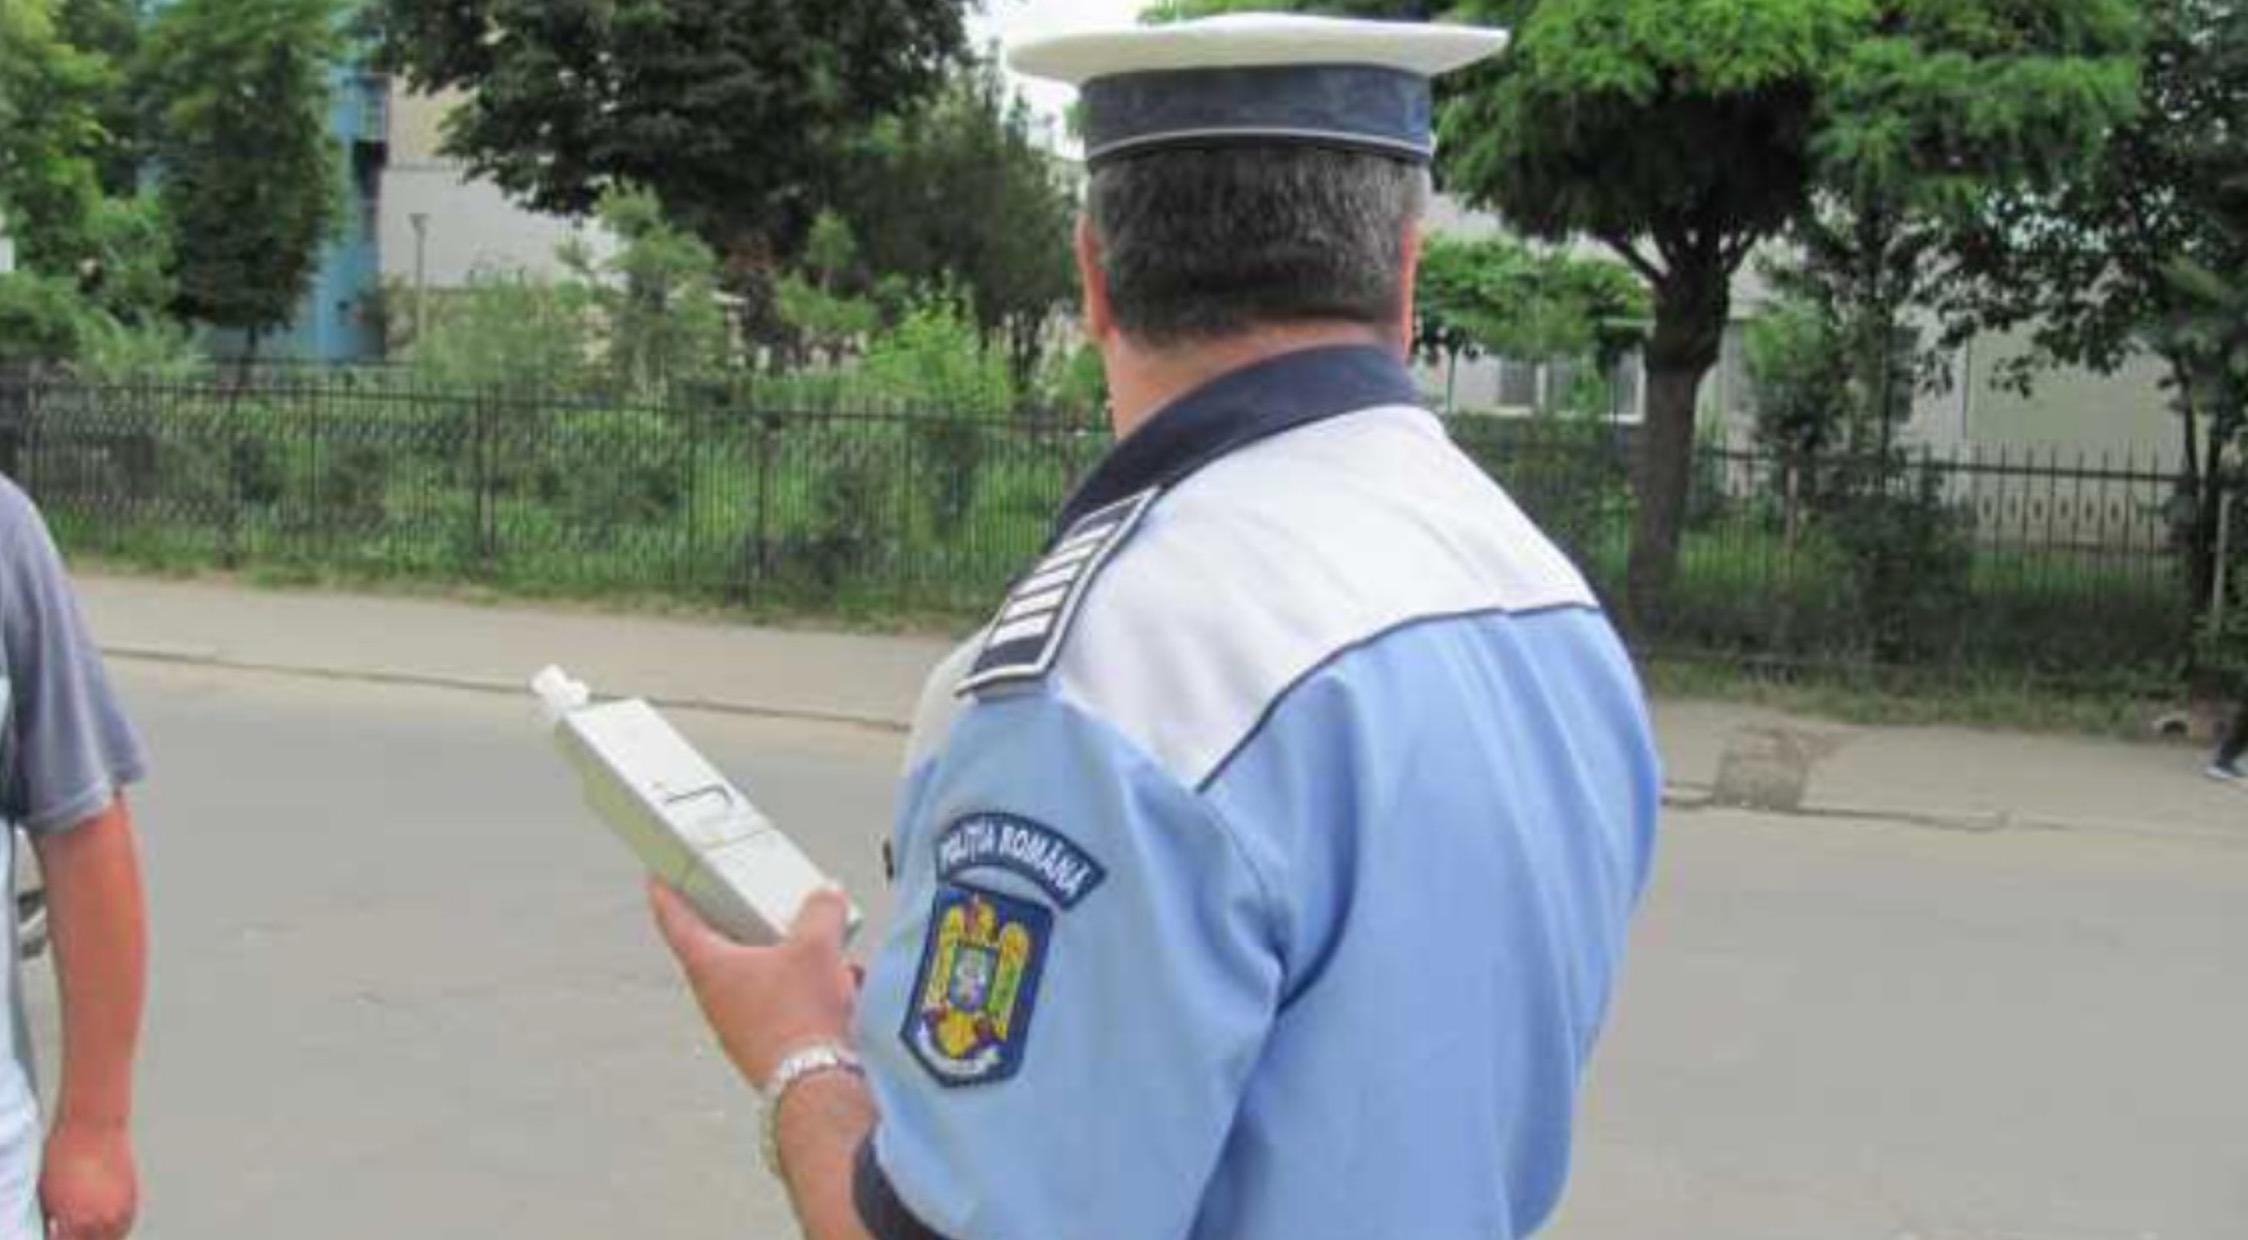 Polițist din Galați, filmat beat în timp ce cade din picioare. Imaginile s-au viralizat instant